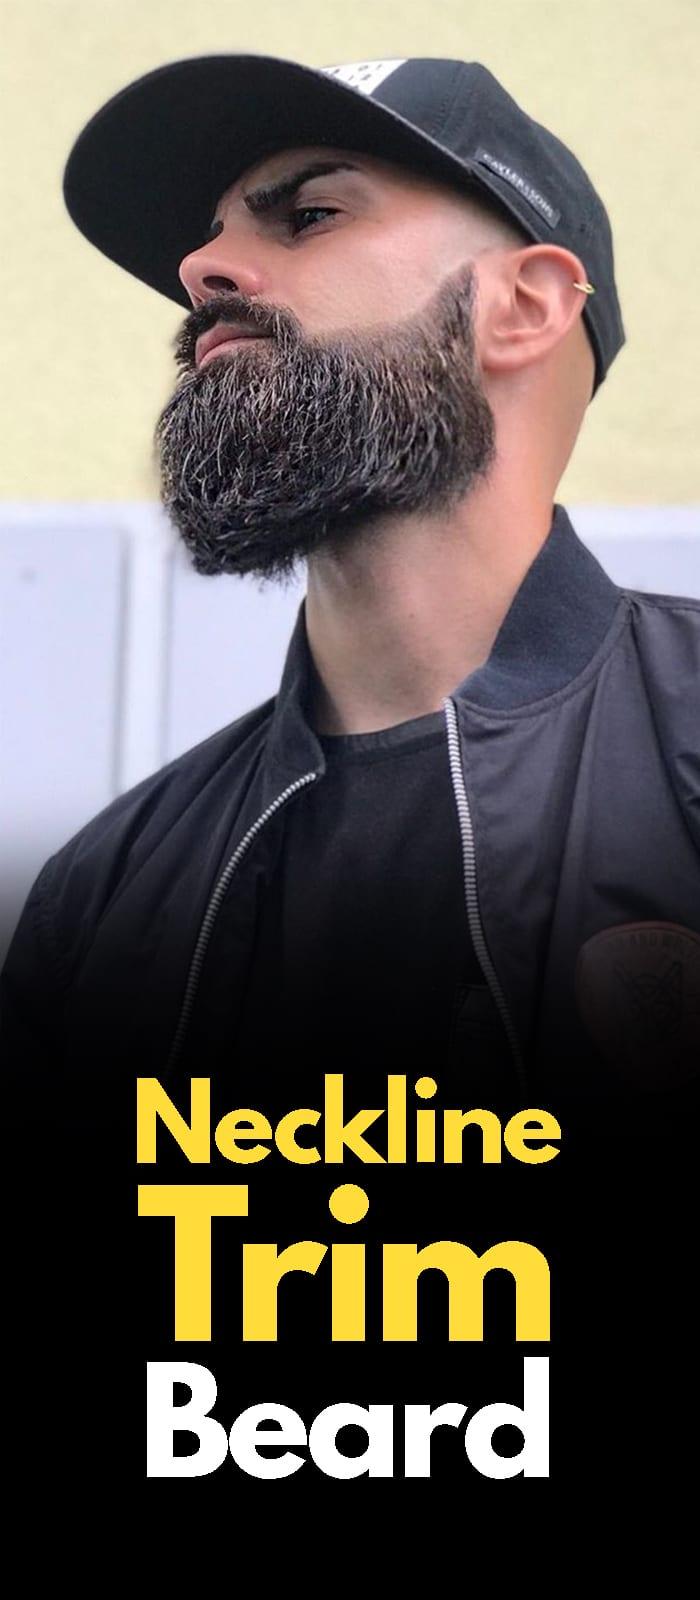 Neckline Trim Beards